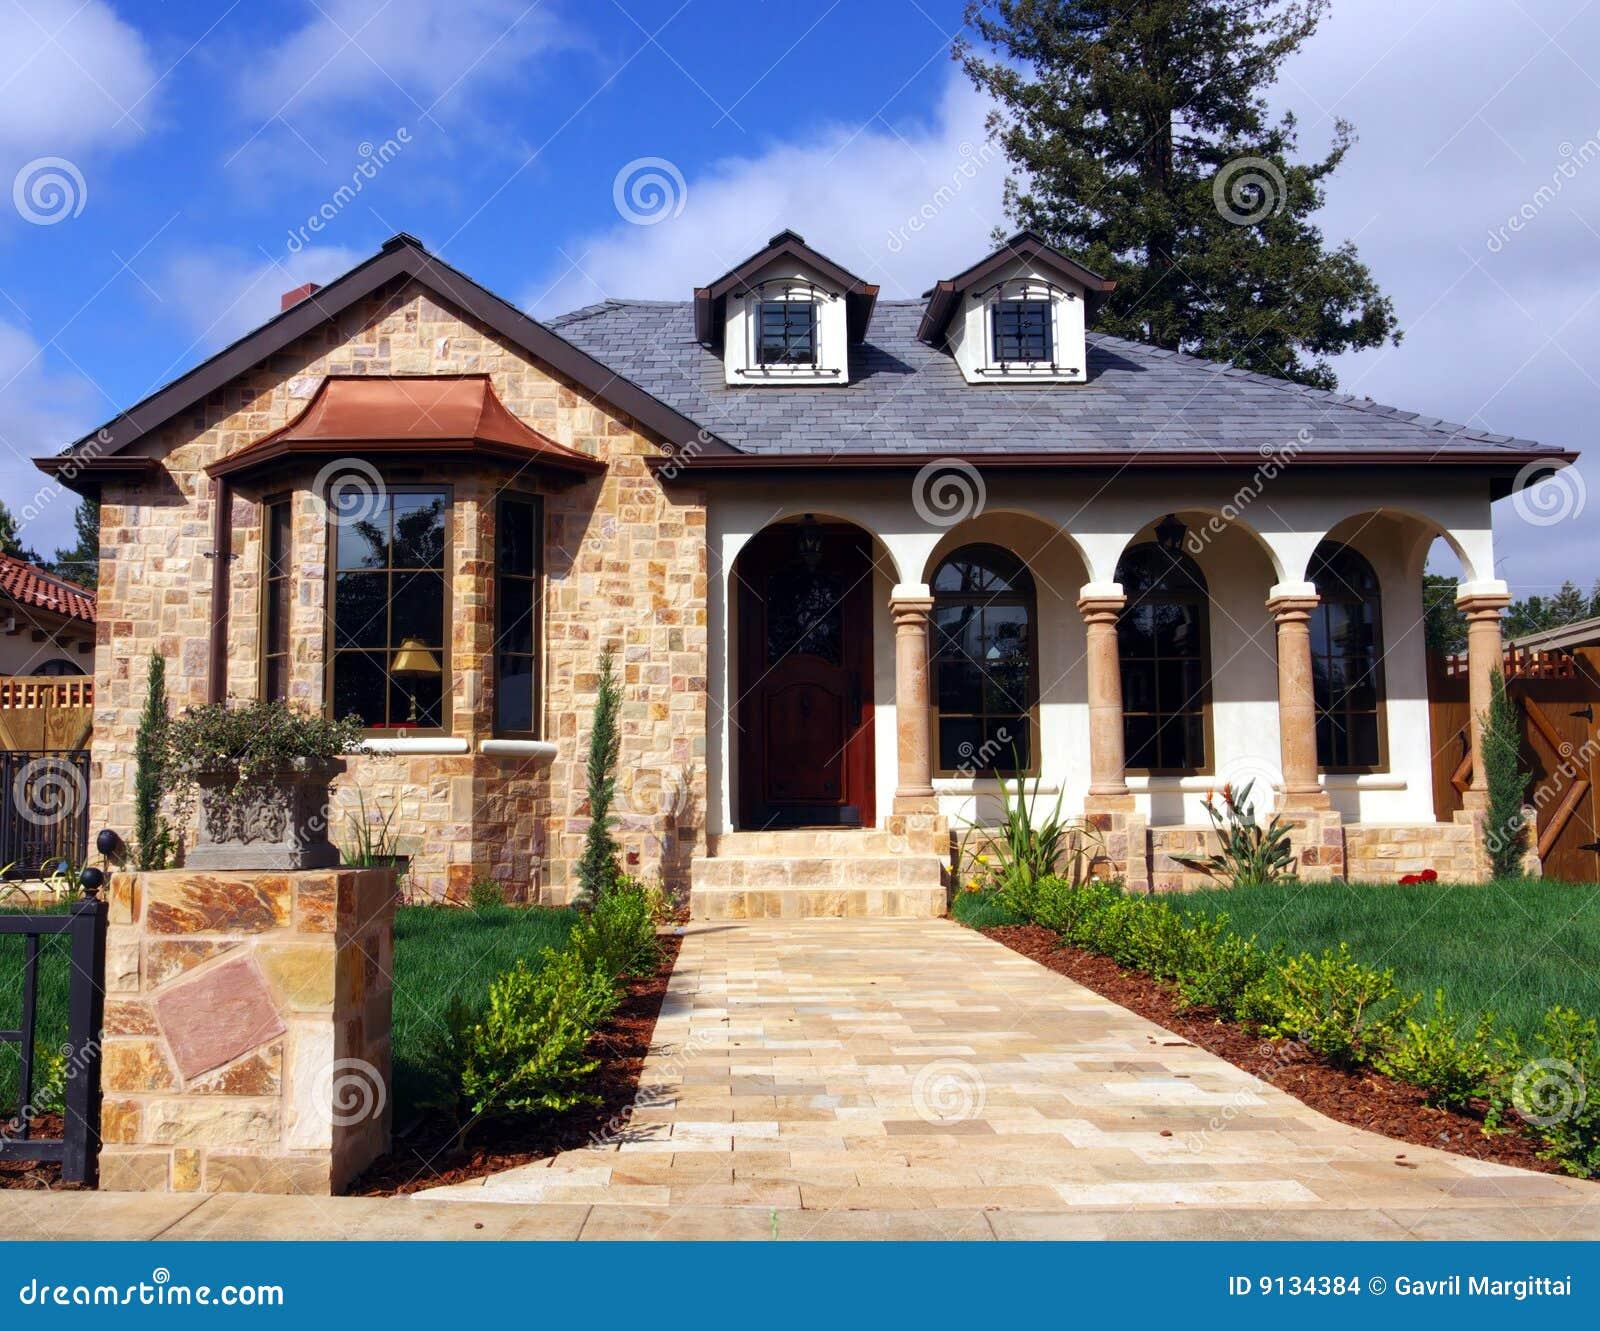 Casa con la fachada de piedra foto de archivo imagen de for Fachada de casas modernas con piedras